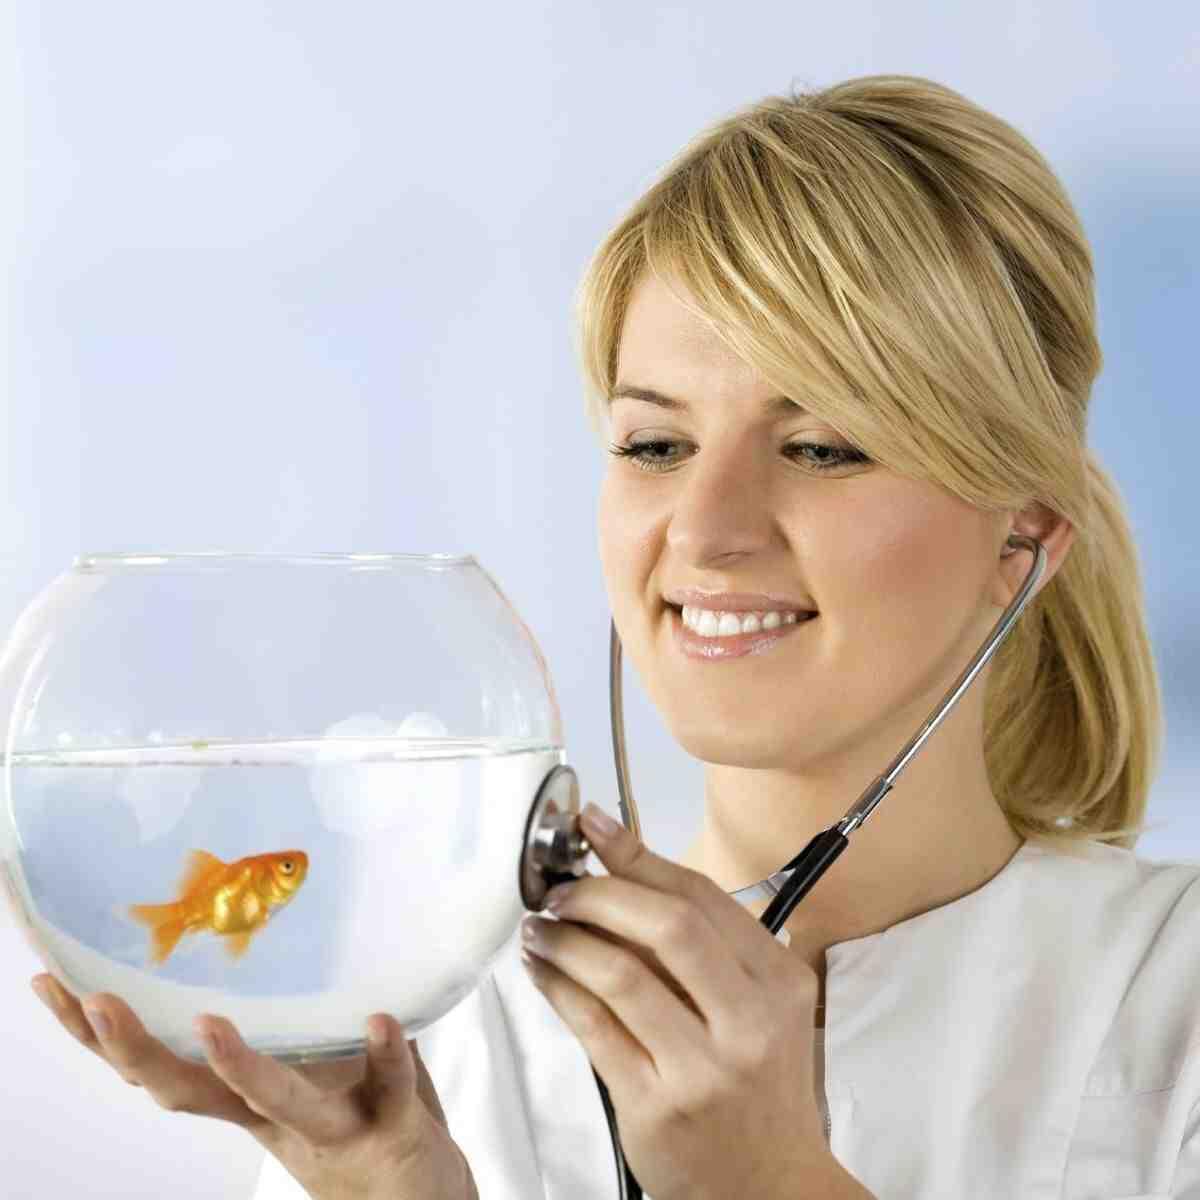 Comment savoir si un poisson est en train de mourir?